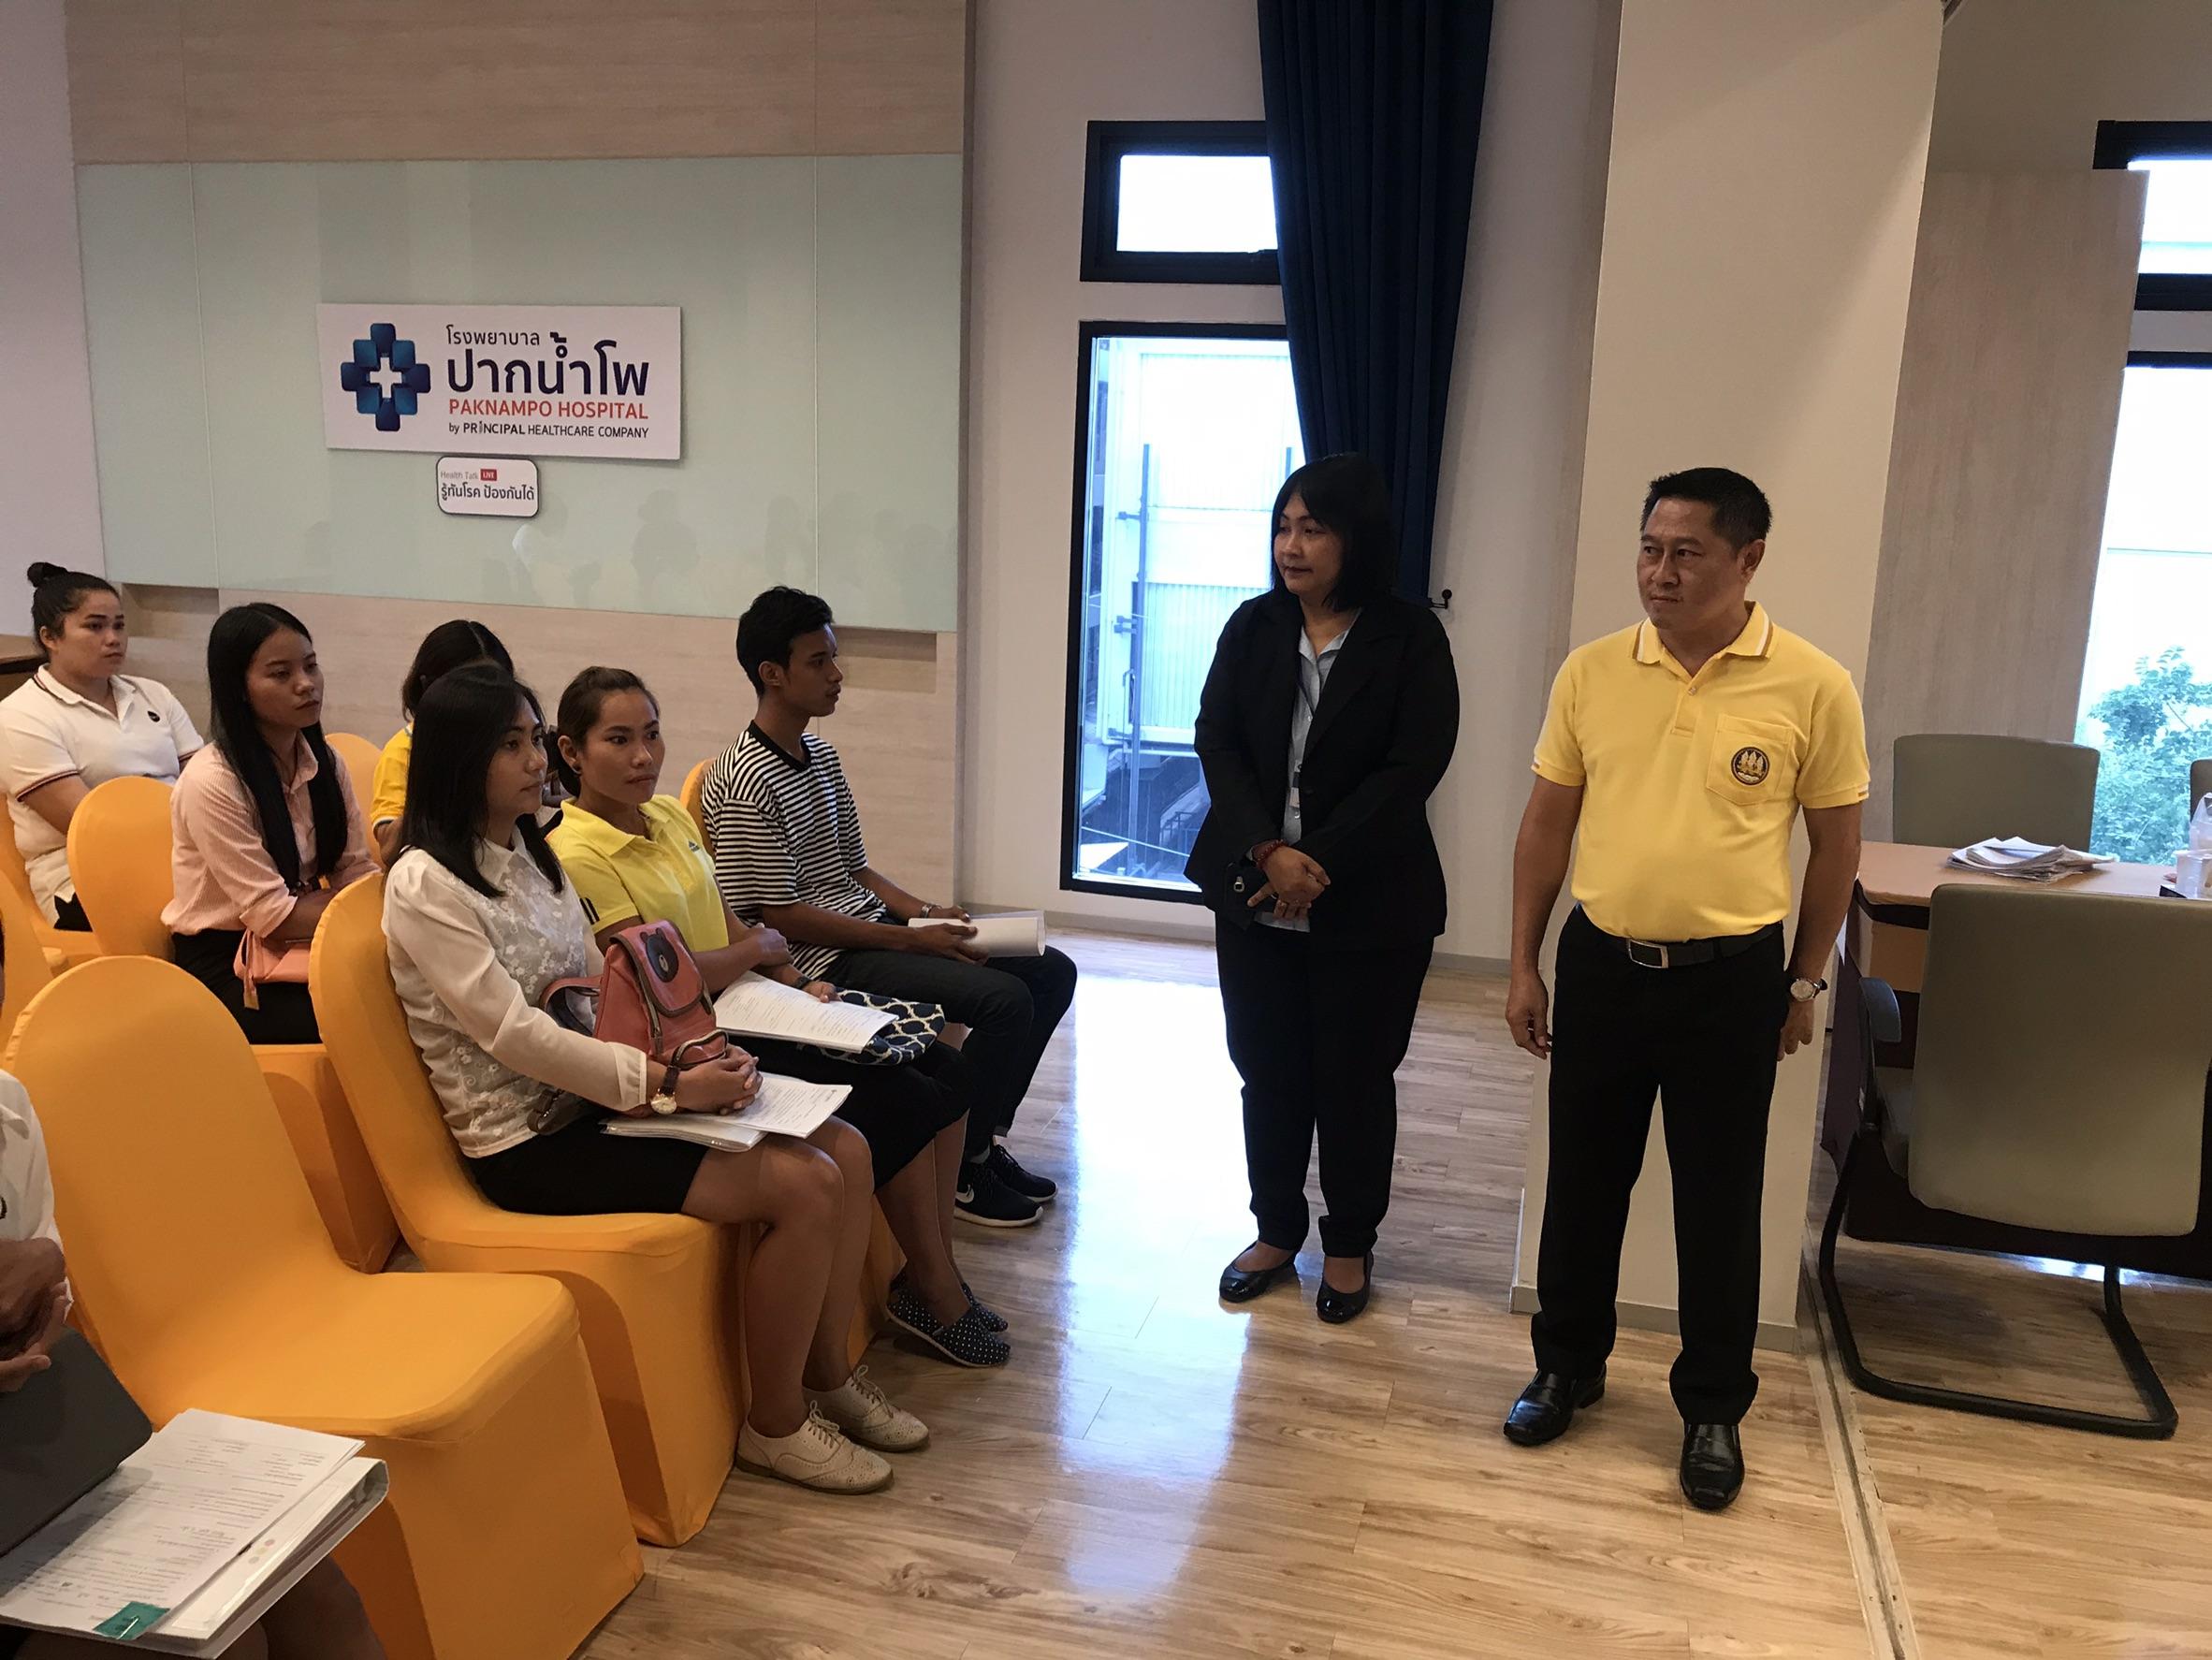 สำนักงานจัดหางานจังหวัดอุทัยธานี ได้ร่วมสังเกตการณ์ ในการสัมภาษณ์ผู้สมัครงาน ในรอบ Final ของโรงพยาบา